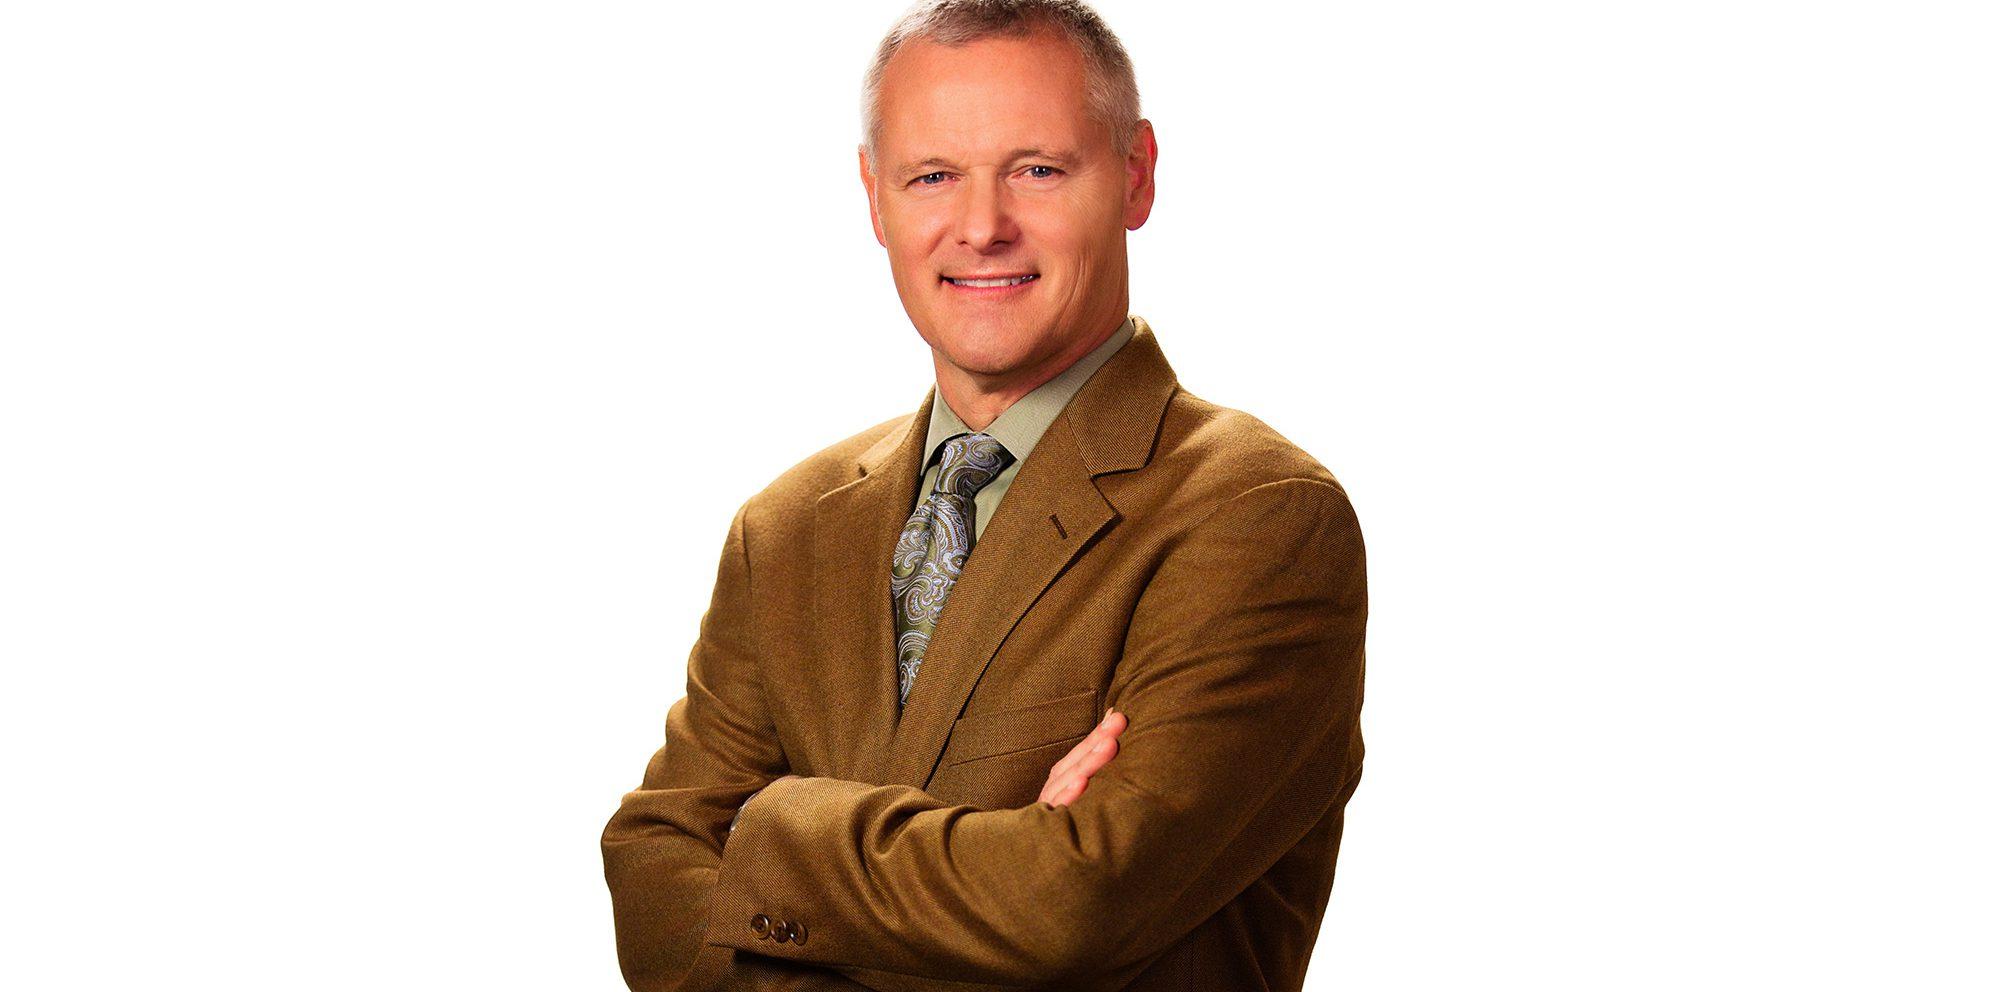 John Feller